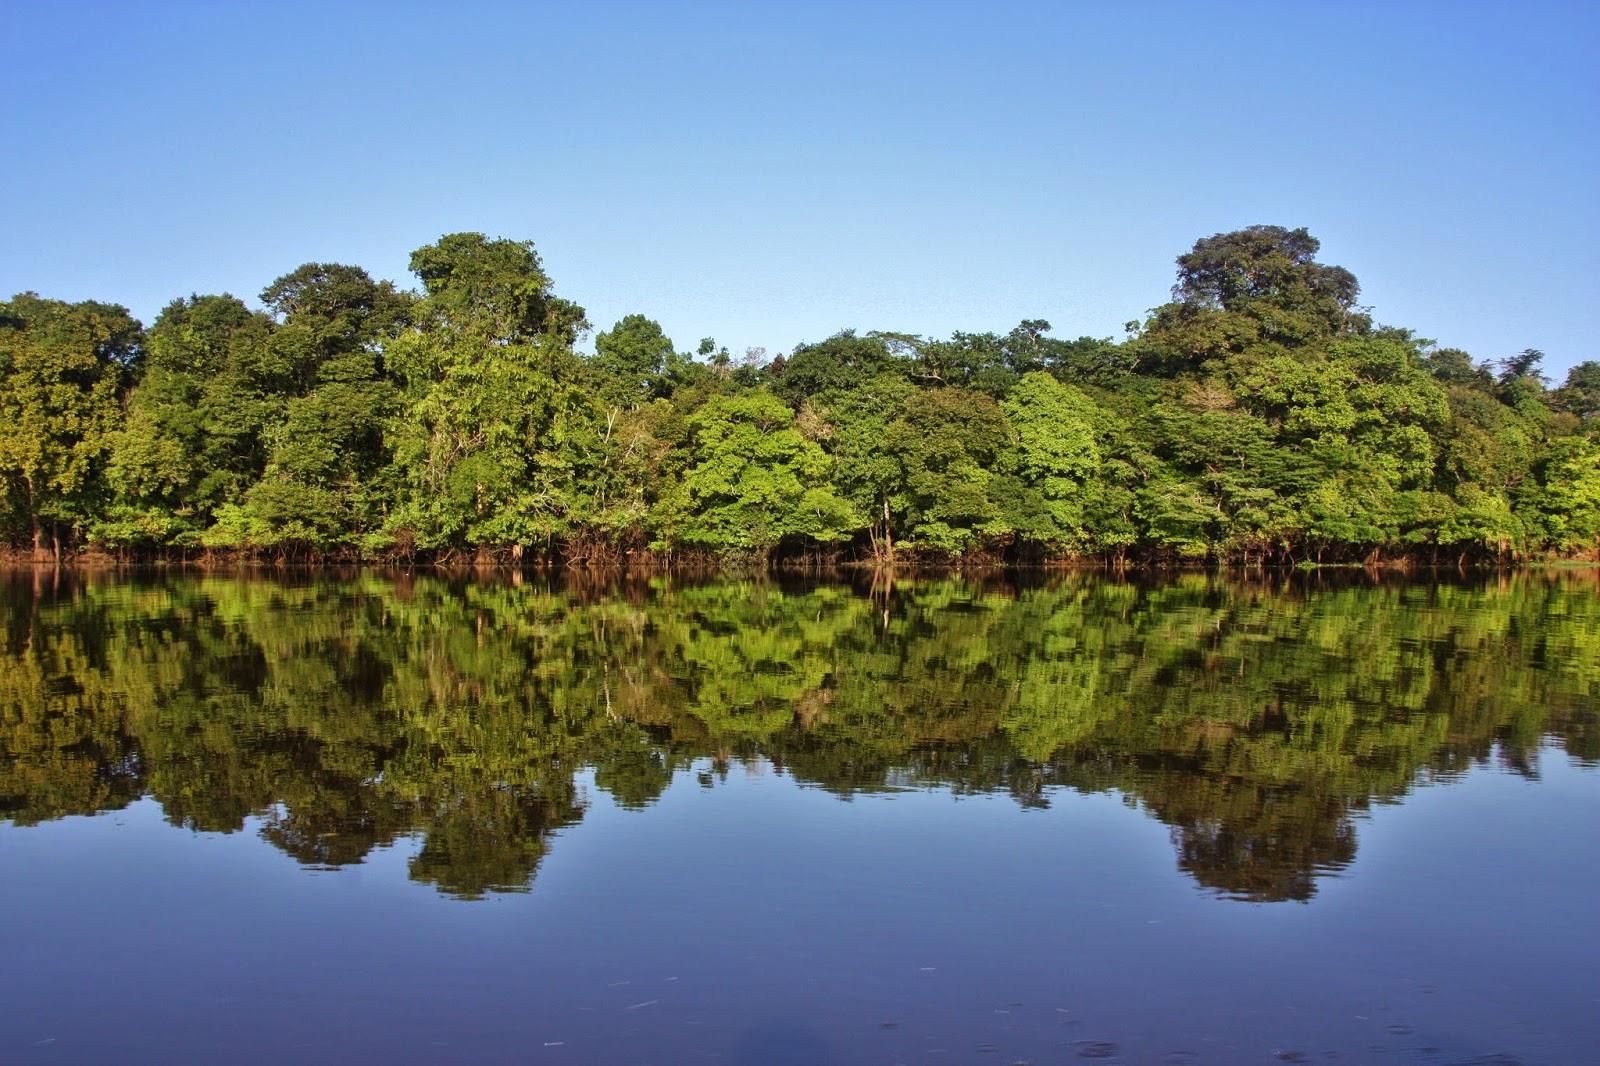 Selva amazônica refletida no Rio Japurá.